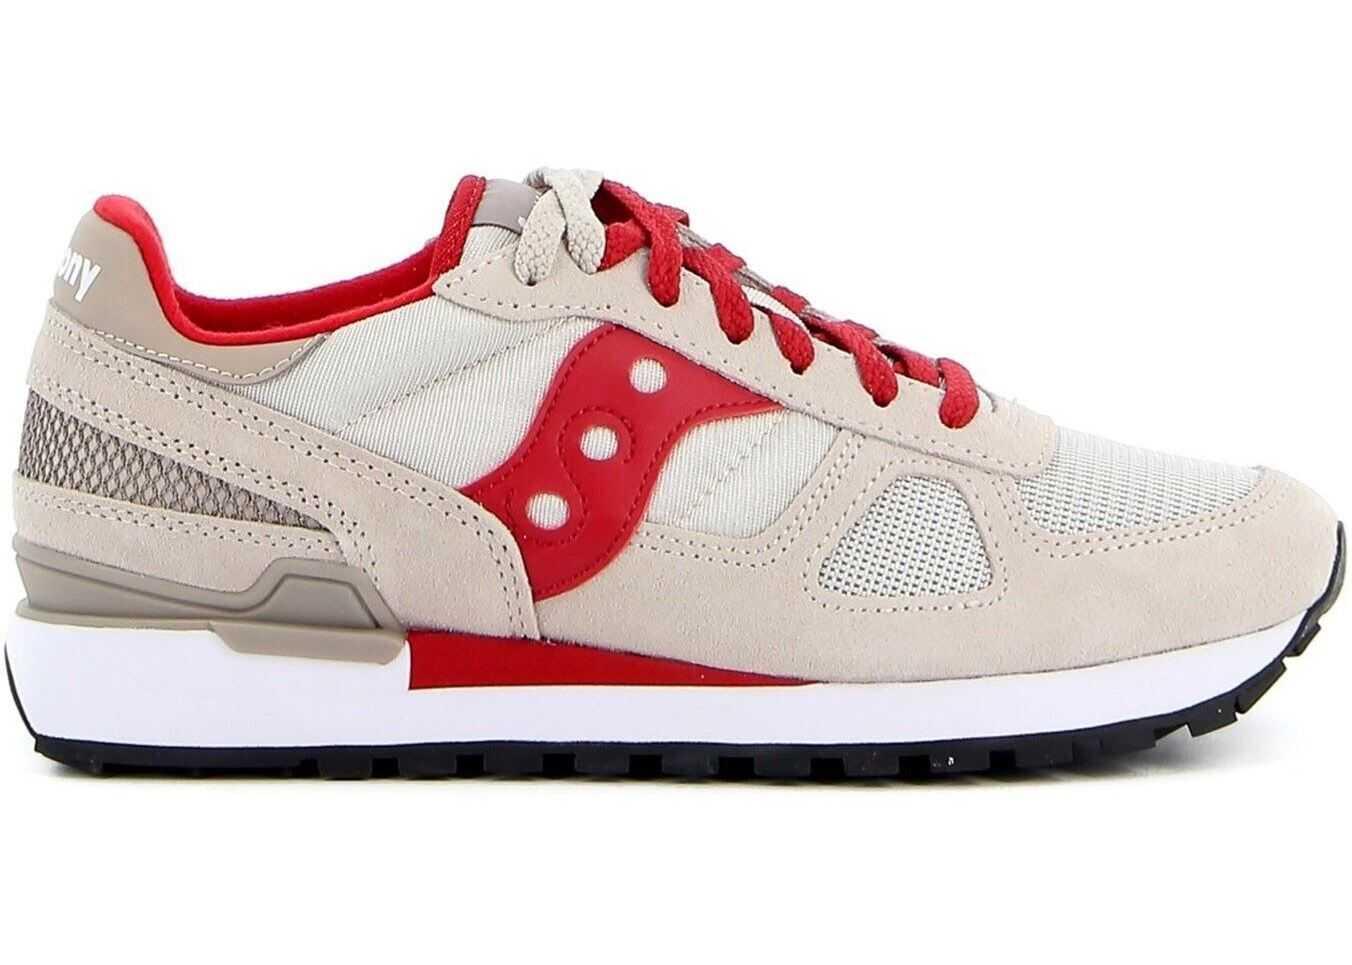 Saucony Shadow Original Sneakers In Beige 2108777 Beige imagine b-mall.ro